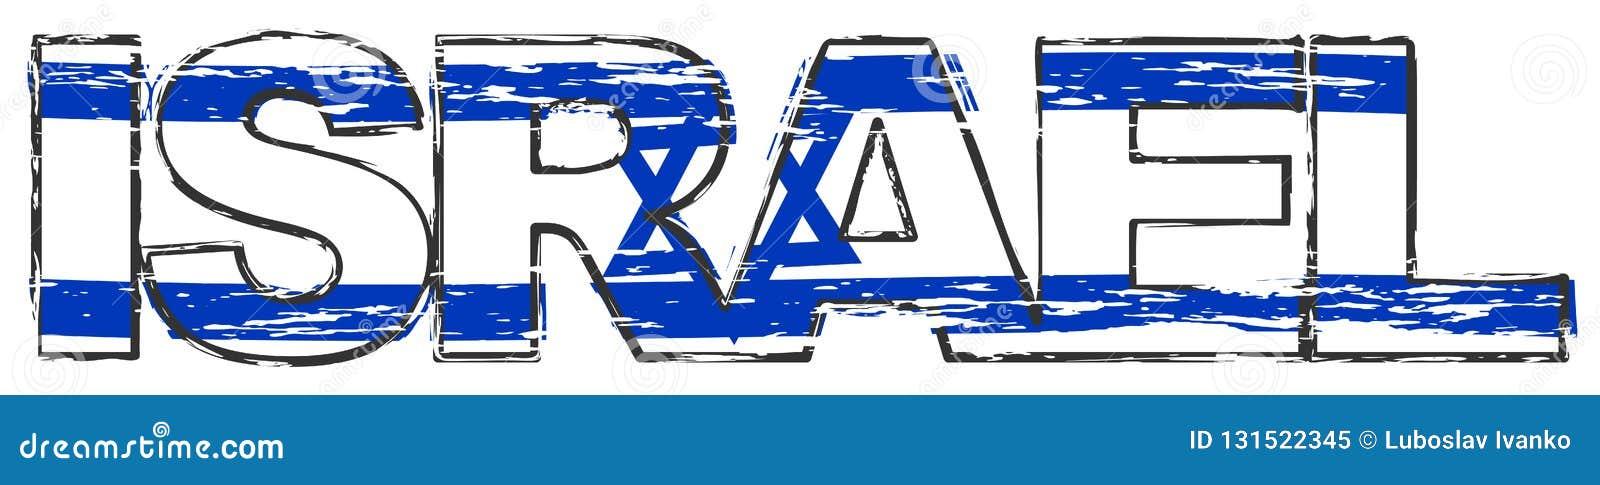 Word ISRAËL avec le drapeau national israélien sous lui, regard grunge affligé